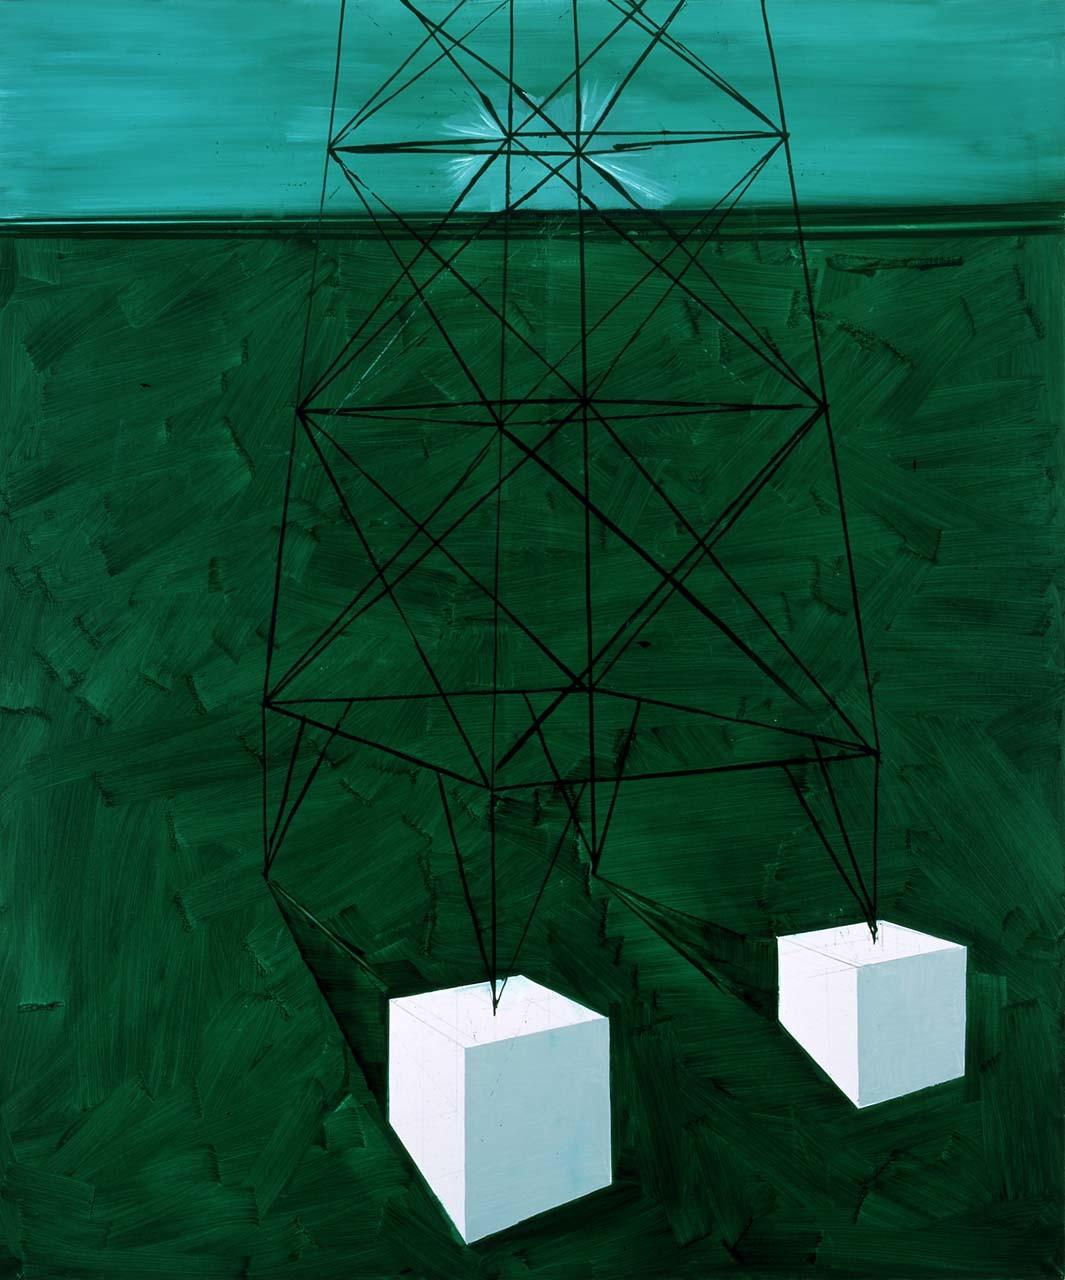 """<div class=""""artwork_caption""""><p>A Pole, 2006</p></div>"""